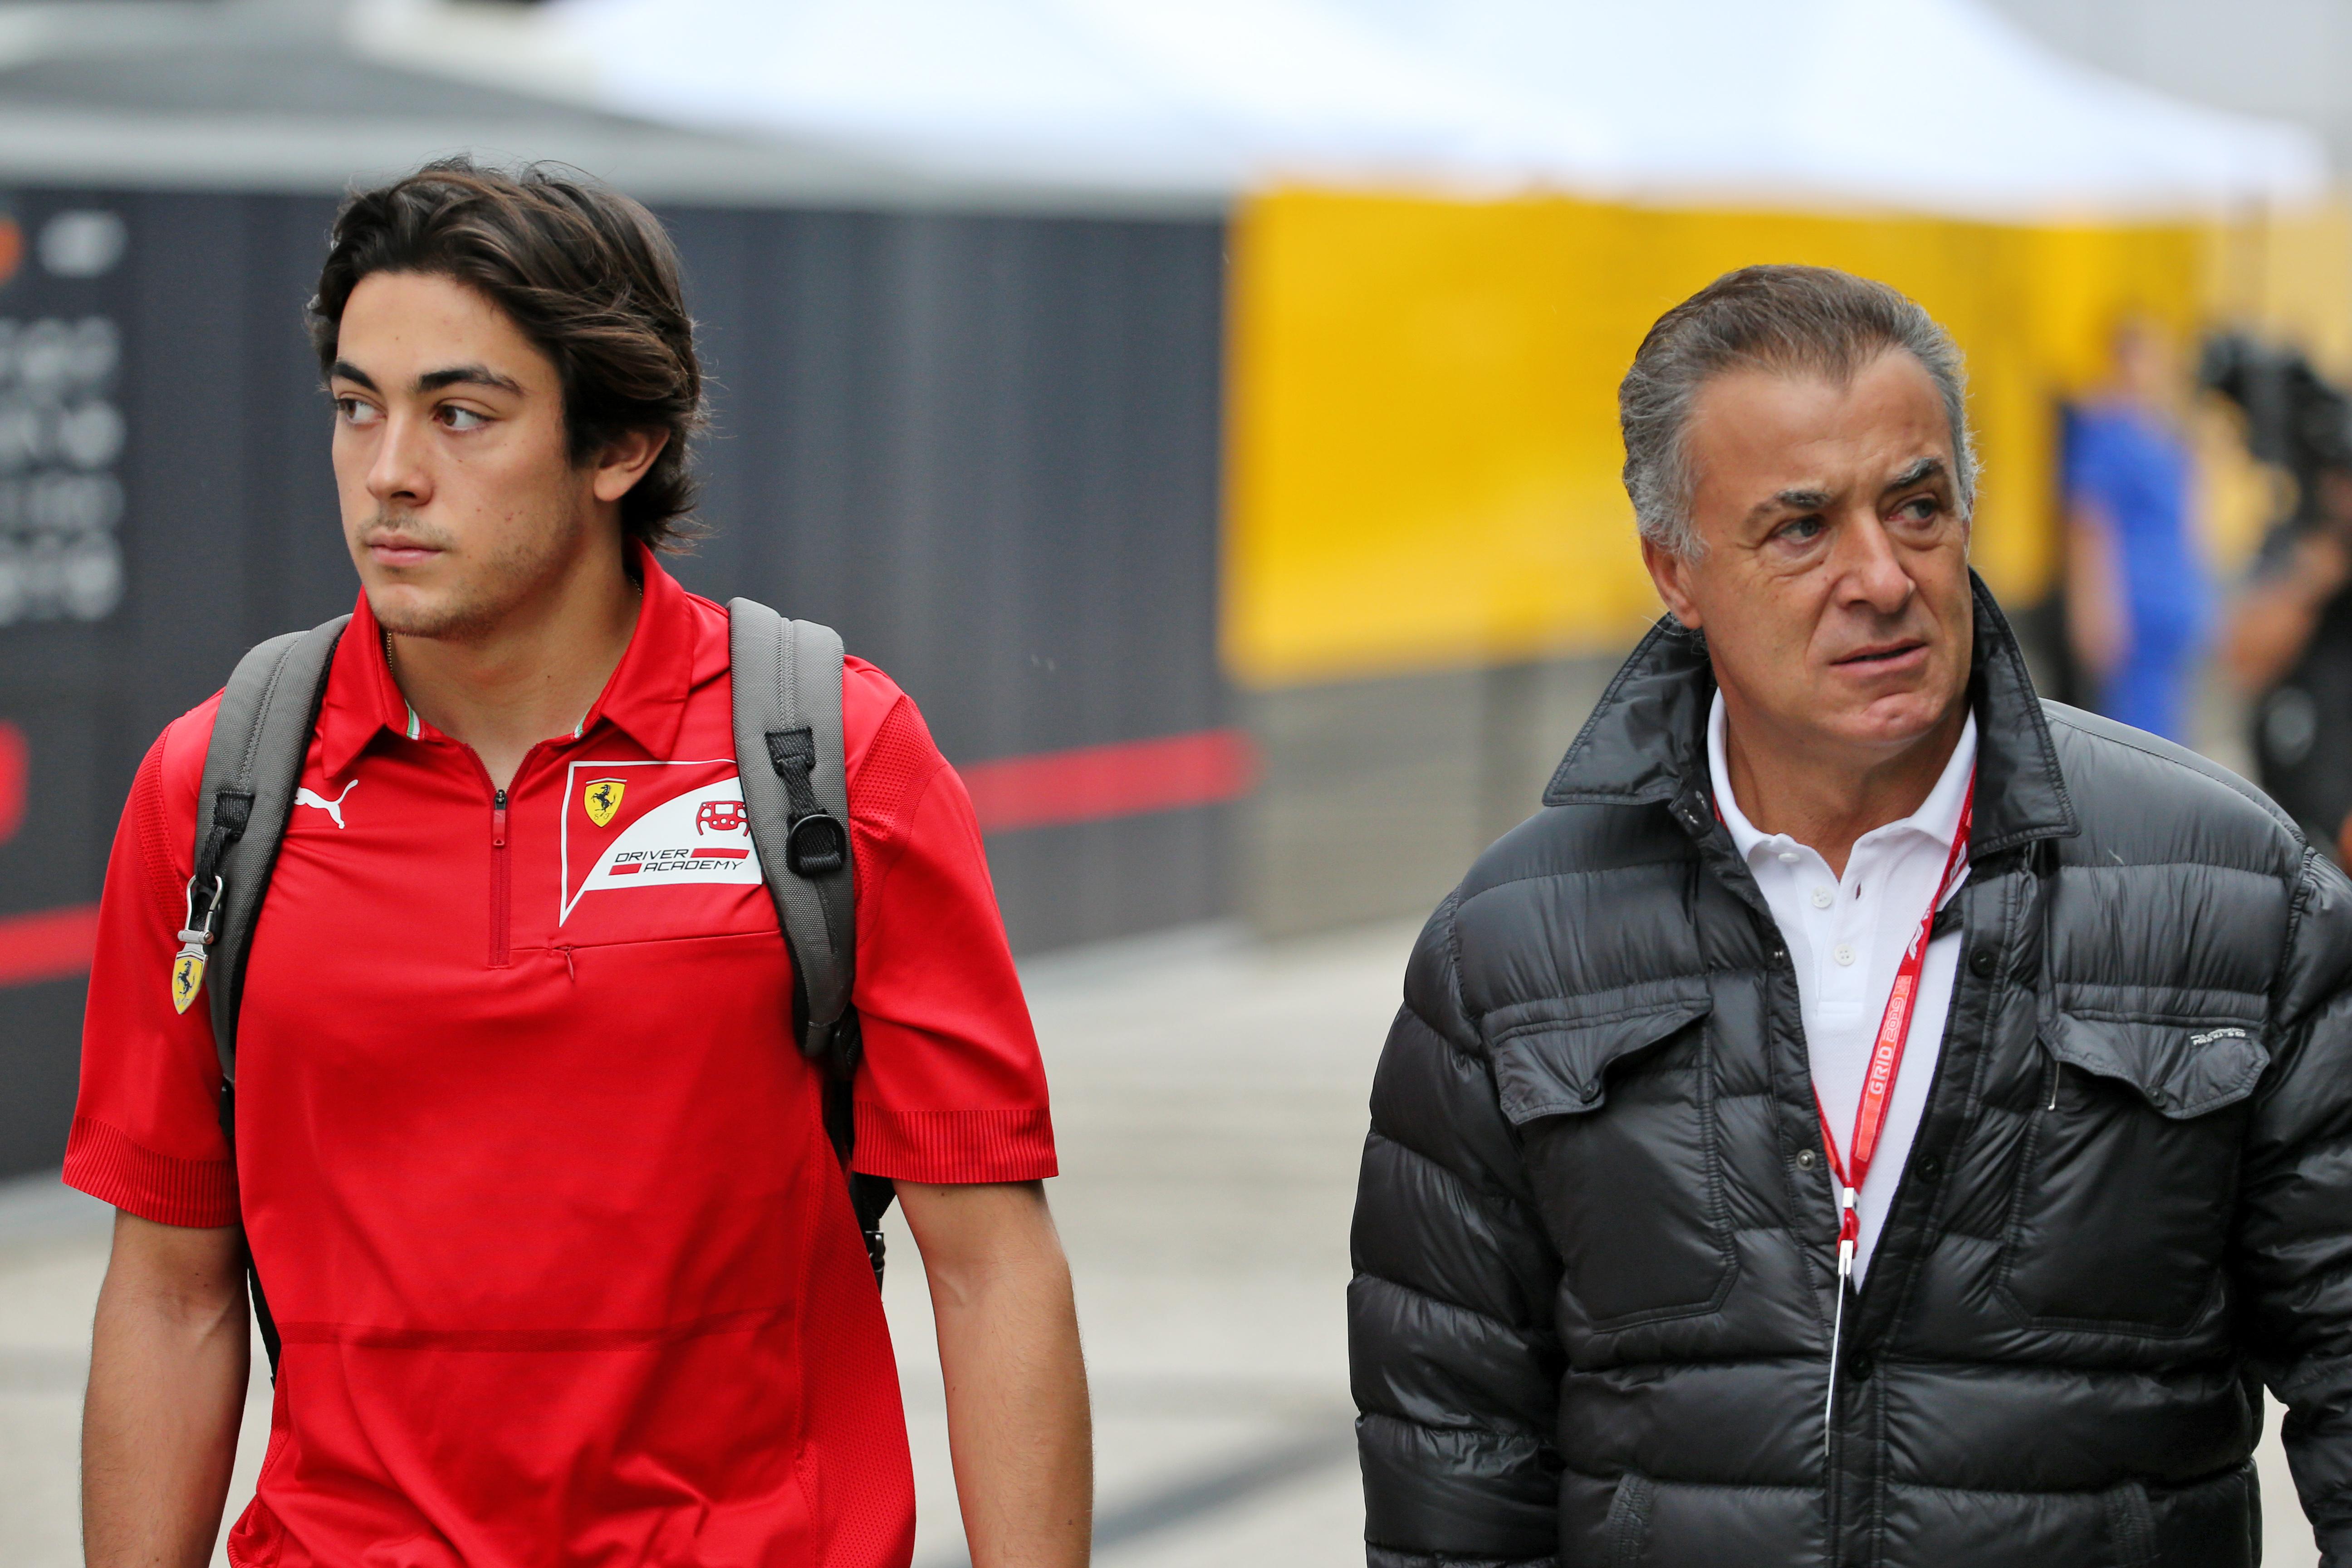 Jean Alesi Giuliano Alesi F1 Ferrari F2 2020